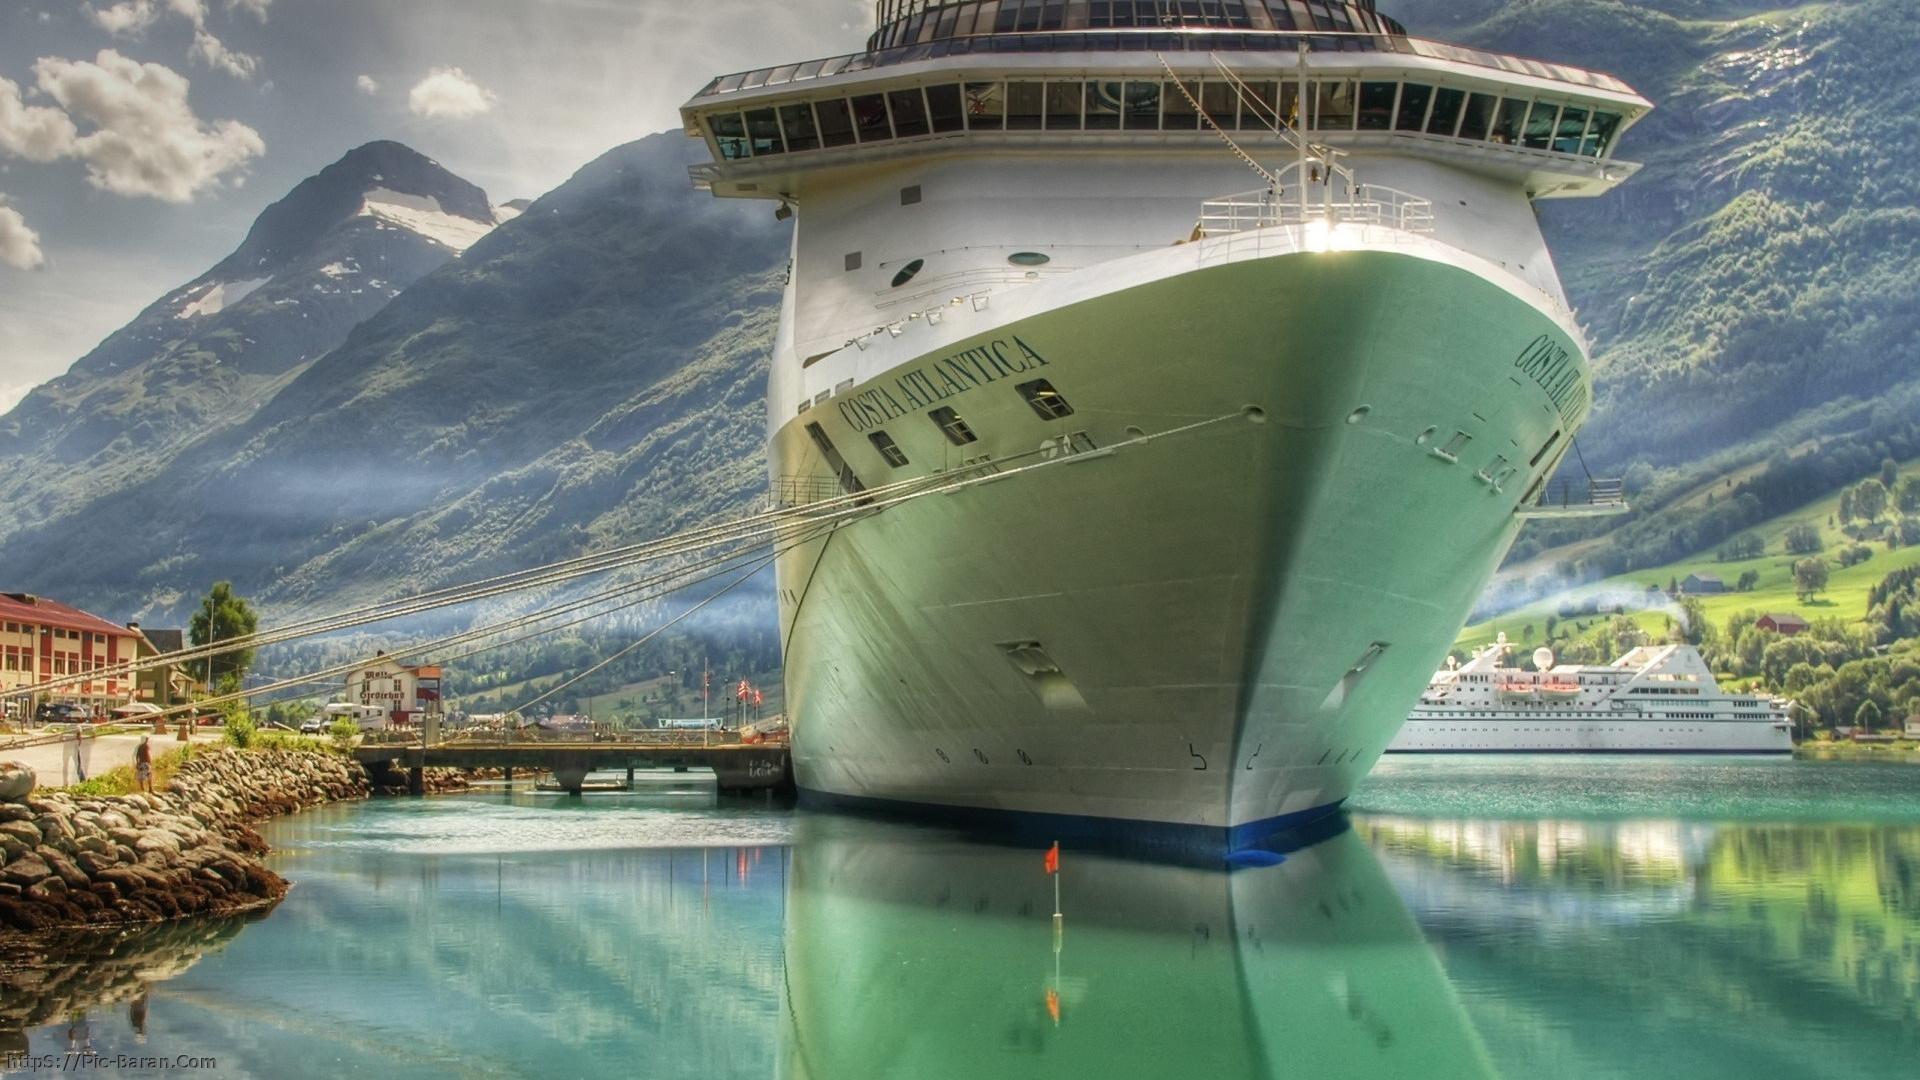 Ships Cruise Wallpaper 1920x1080 Ships Cruise Ship 1920x1080